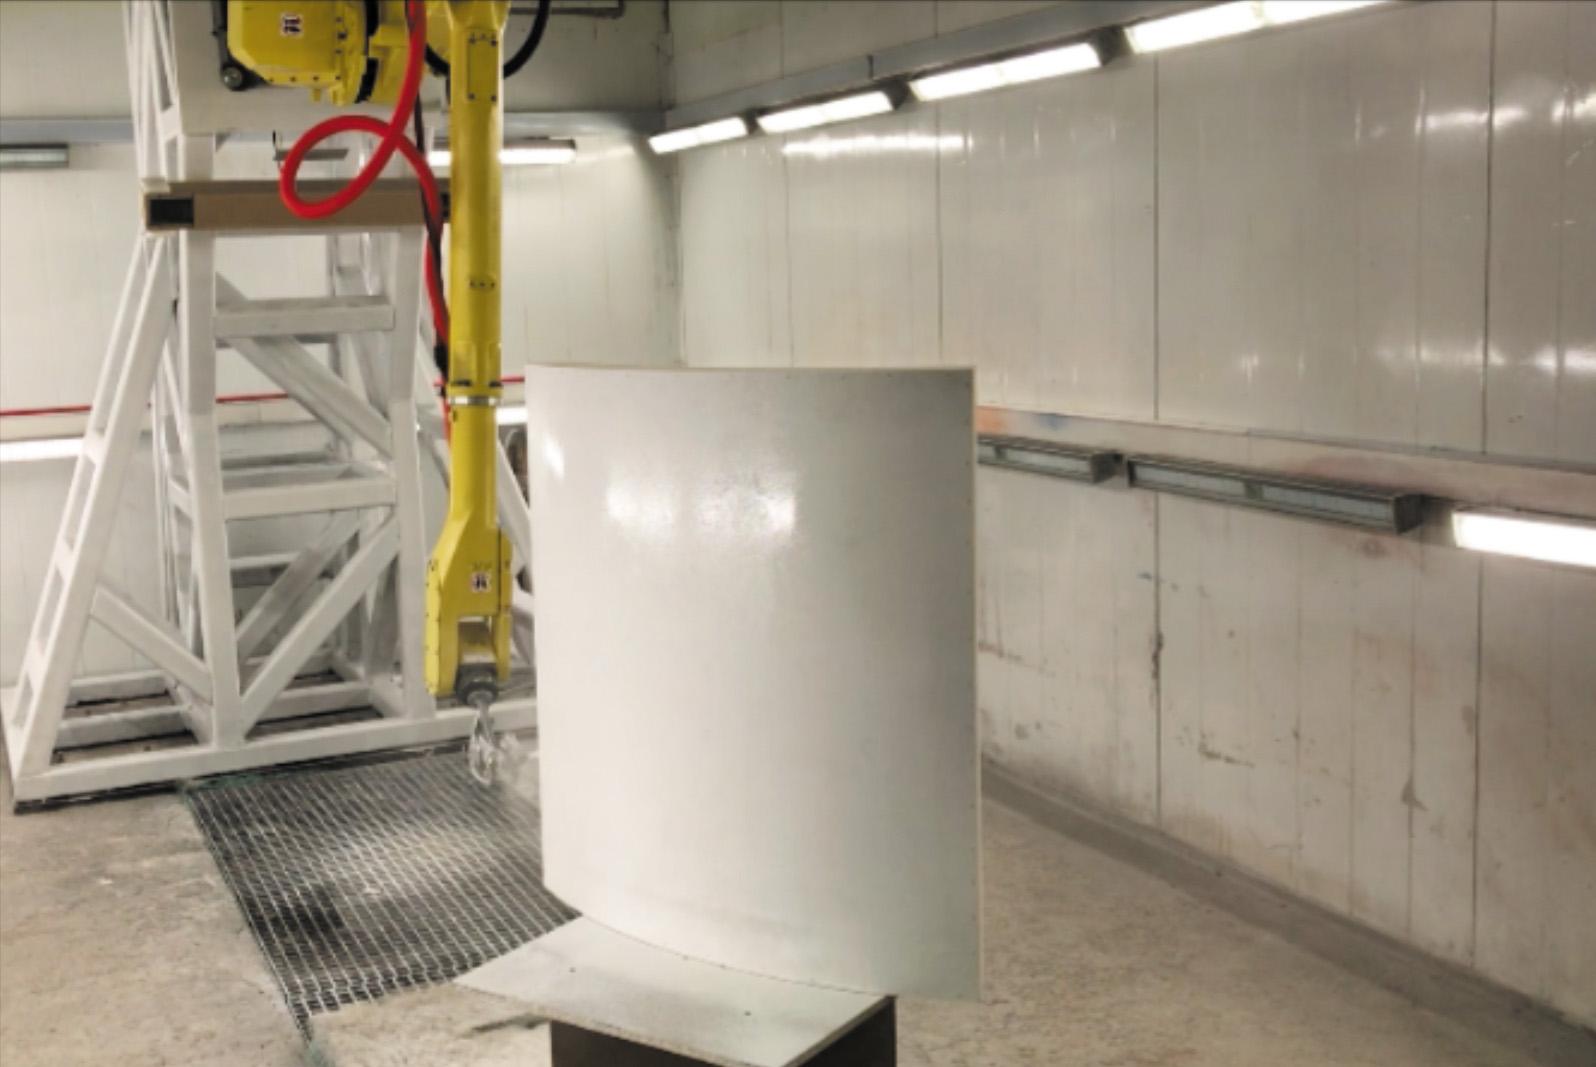 Применение ABAGY в робототехническом комплексе для покраски и нанесения поверхностей